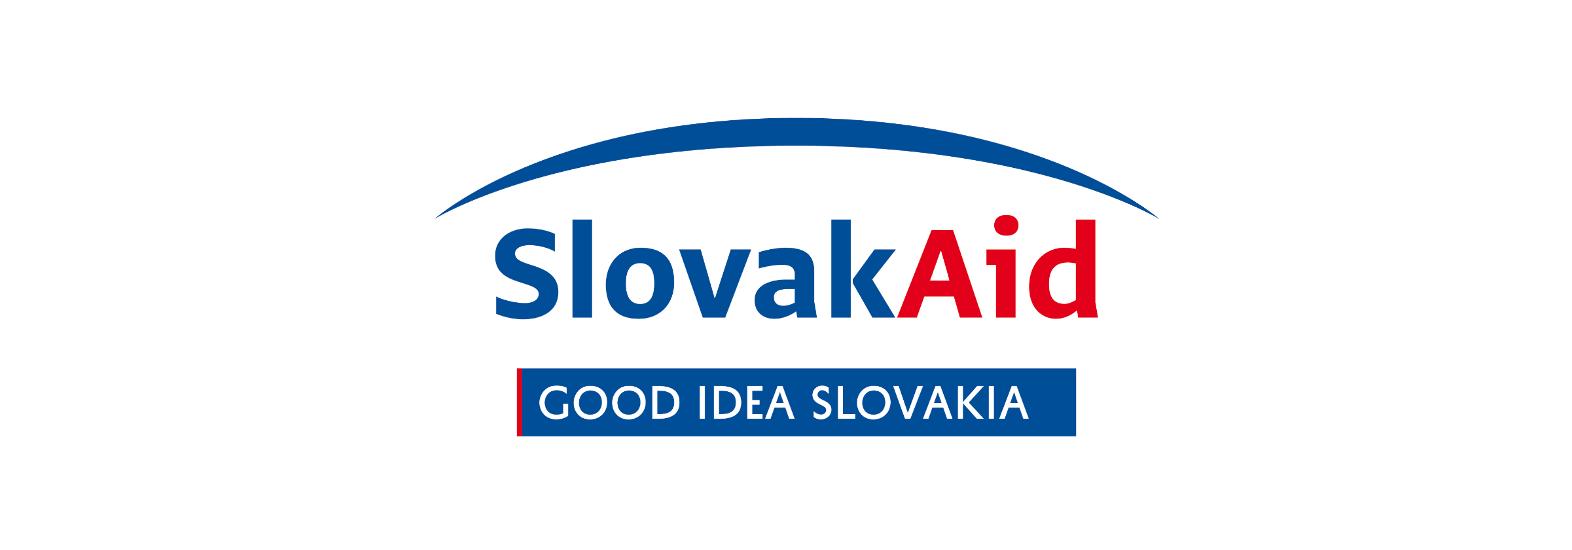 SLOVAK AID GRANT